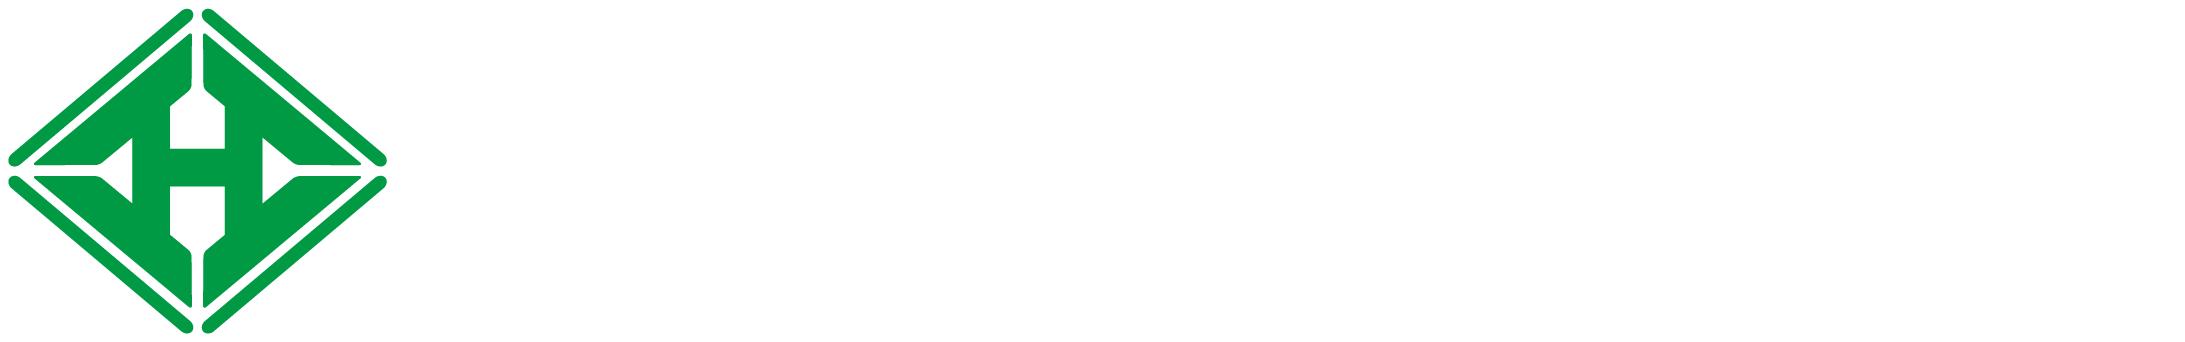 長谷川塗装株式会社